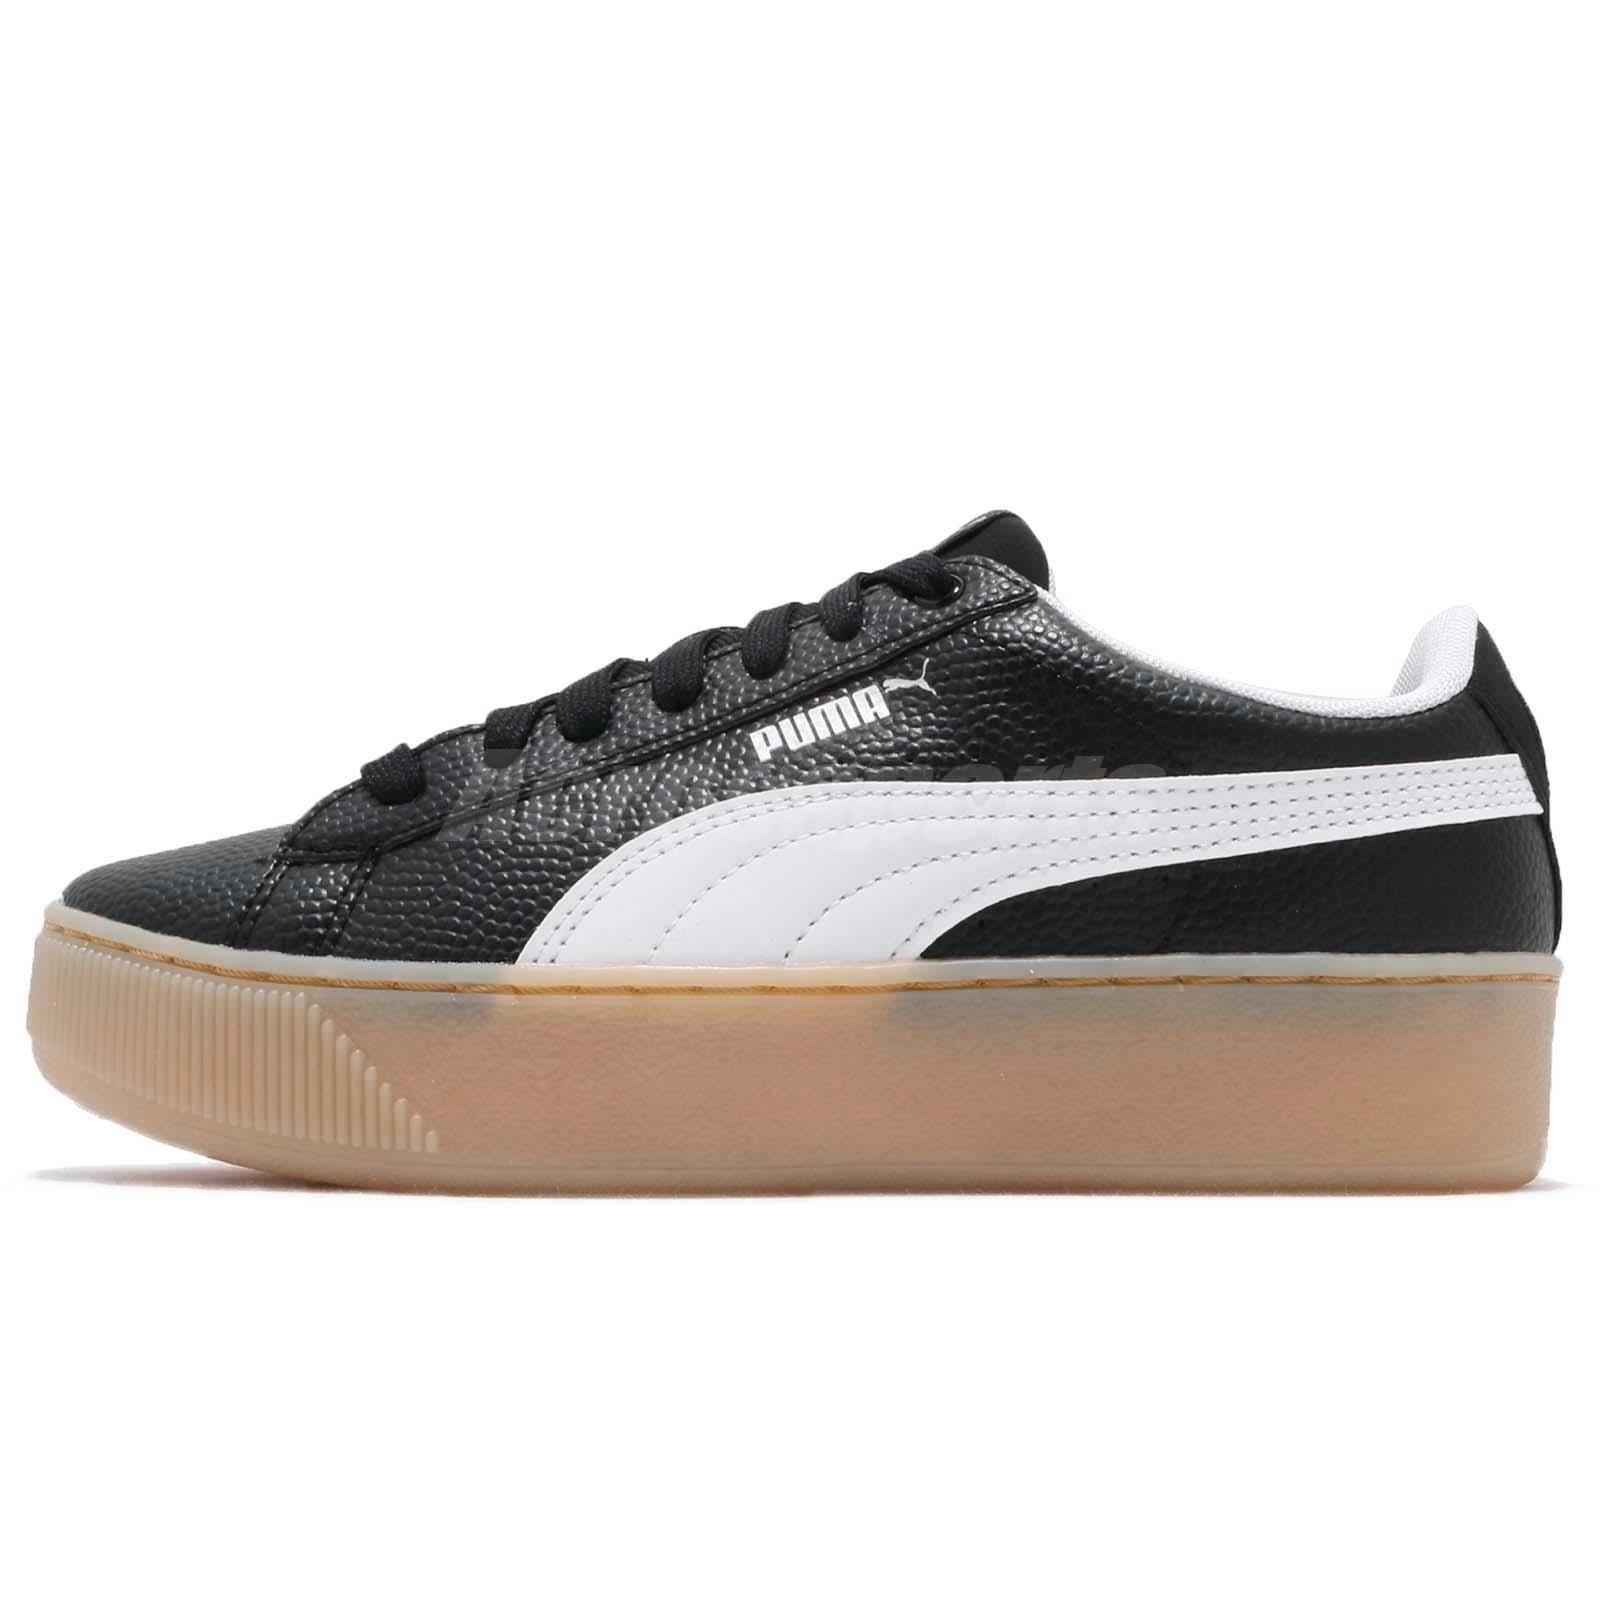 a596cd48 Details about Puma Vikky Platform VT Black White Gum Women Casual Shoes  Sneakers 366805-02